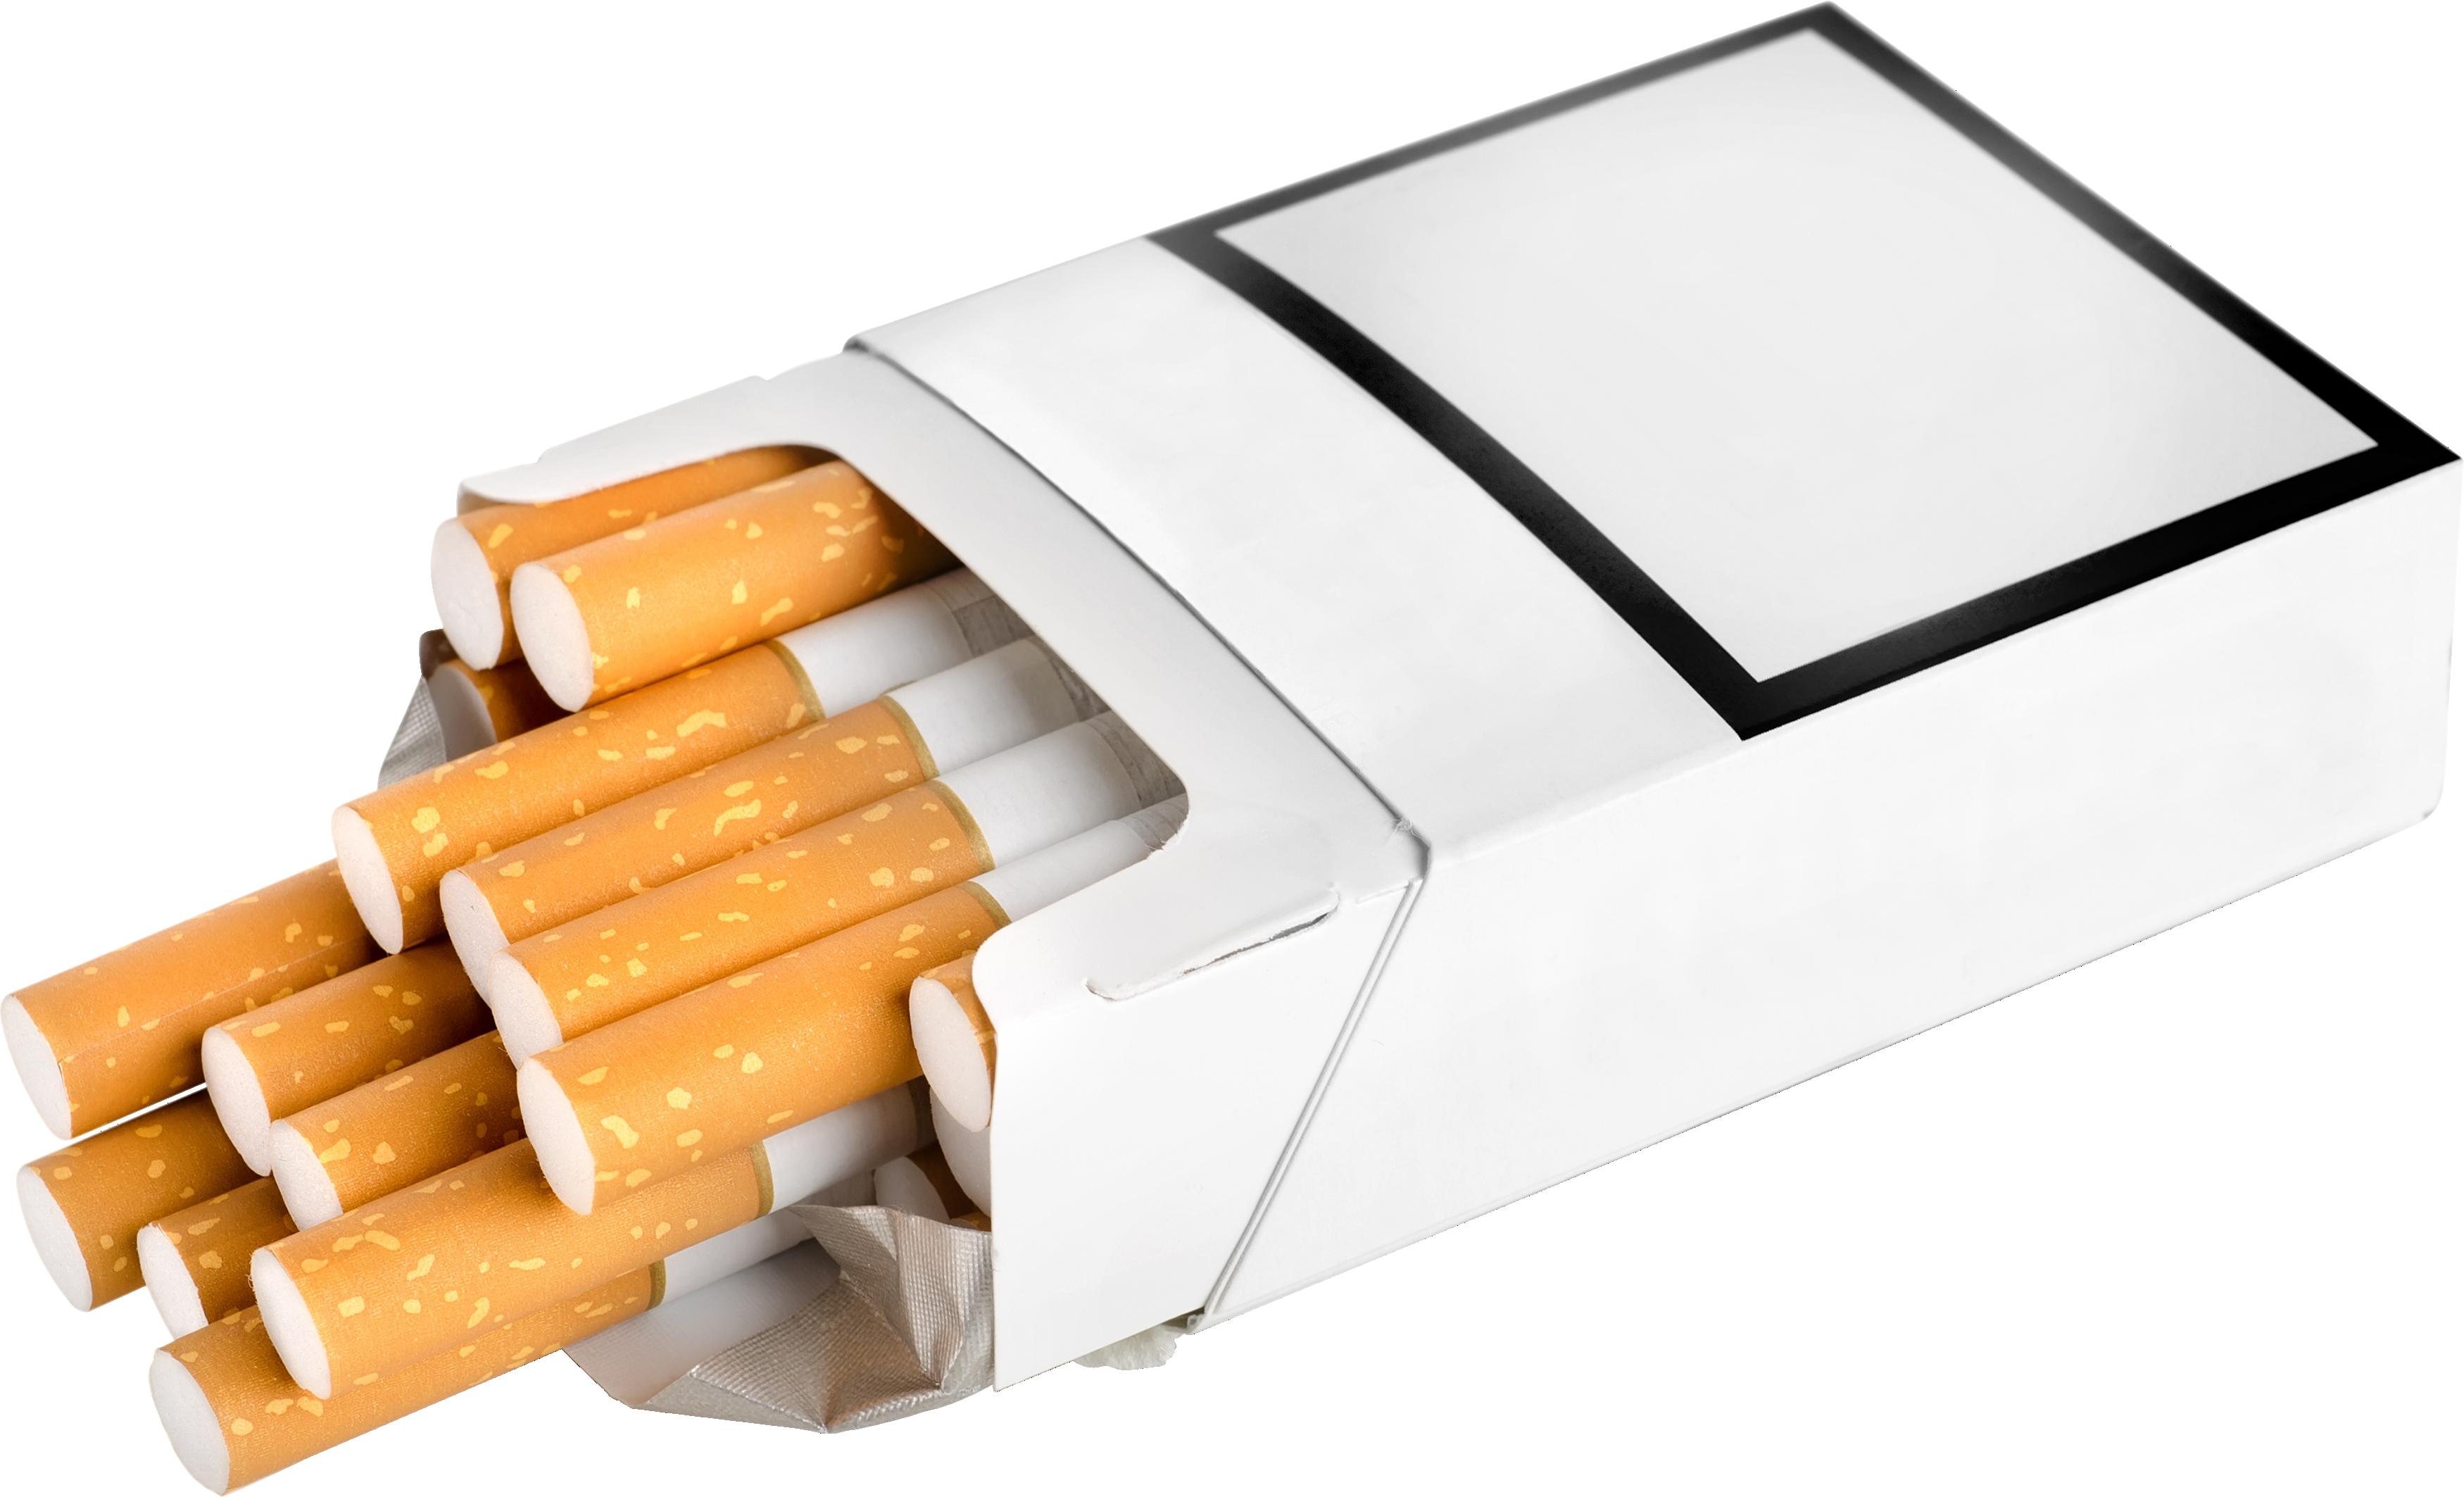 Пачка сигарет PNG фото скачать